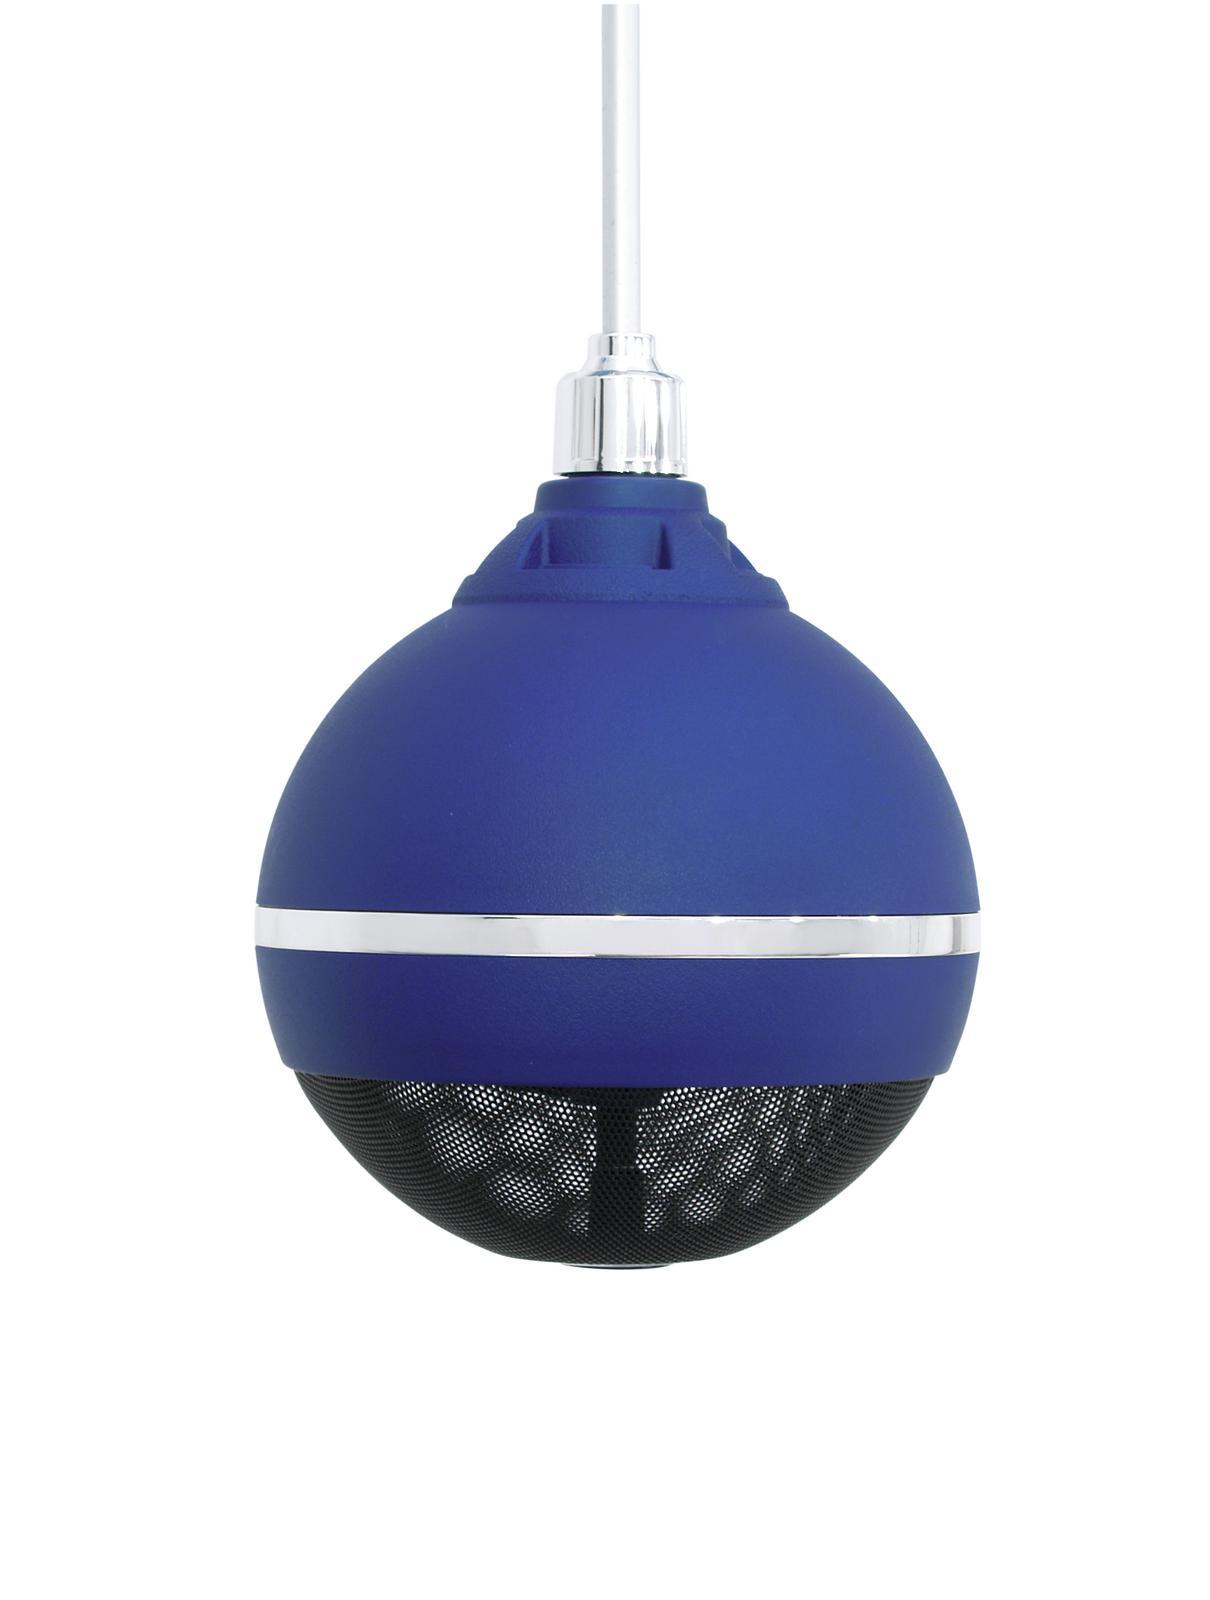 Cassa diffusore da soffitto parete lampadario 10 watt OMNITRONIC WPC-5B pa